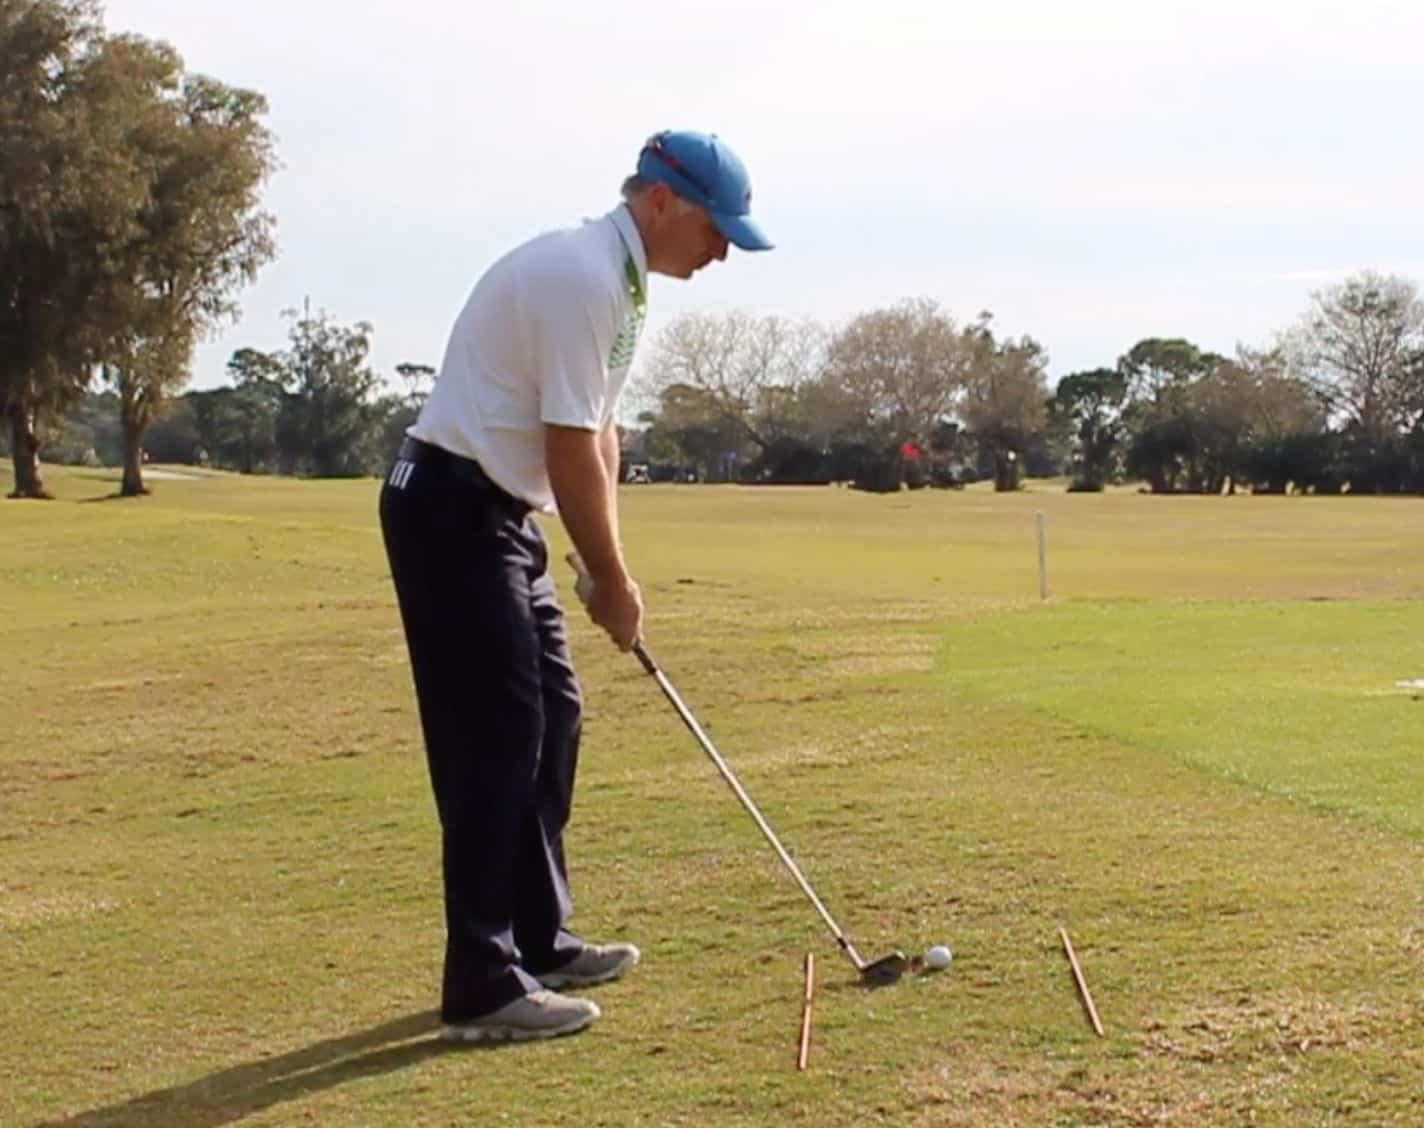 Sidehill Lie Golf Shot Ball Above Feet